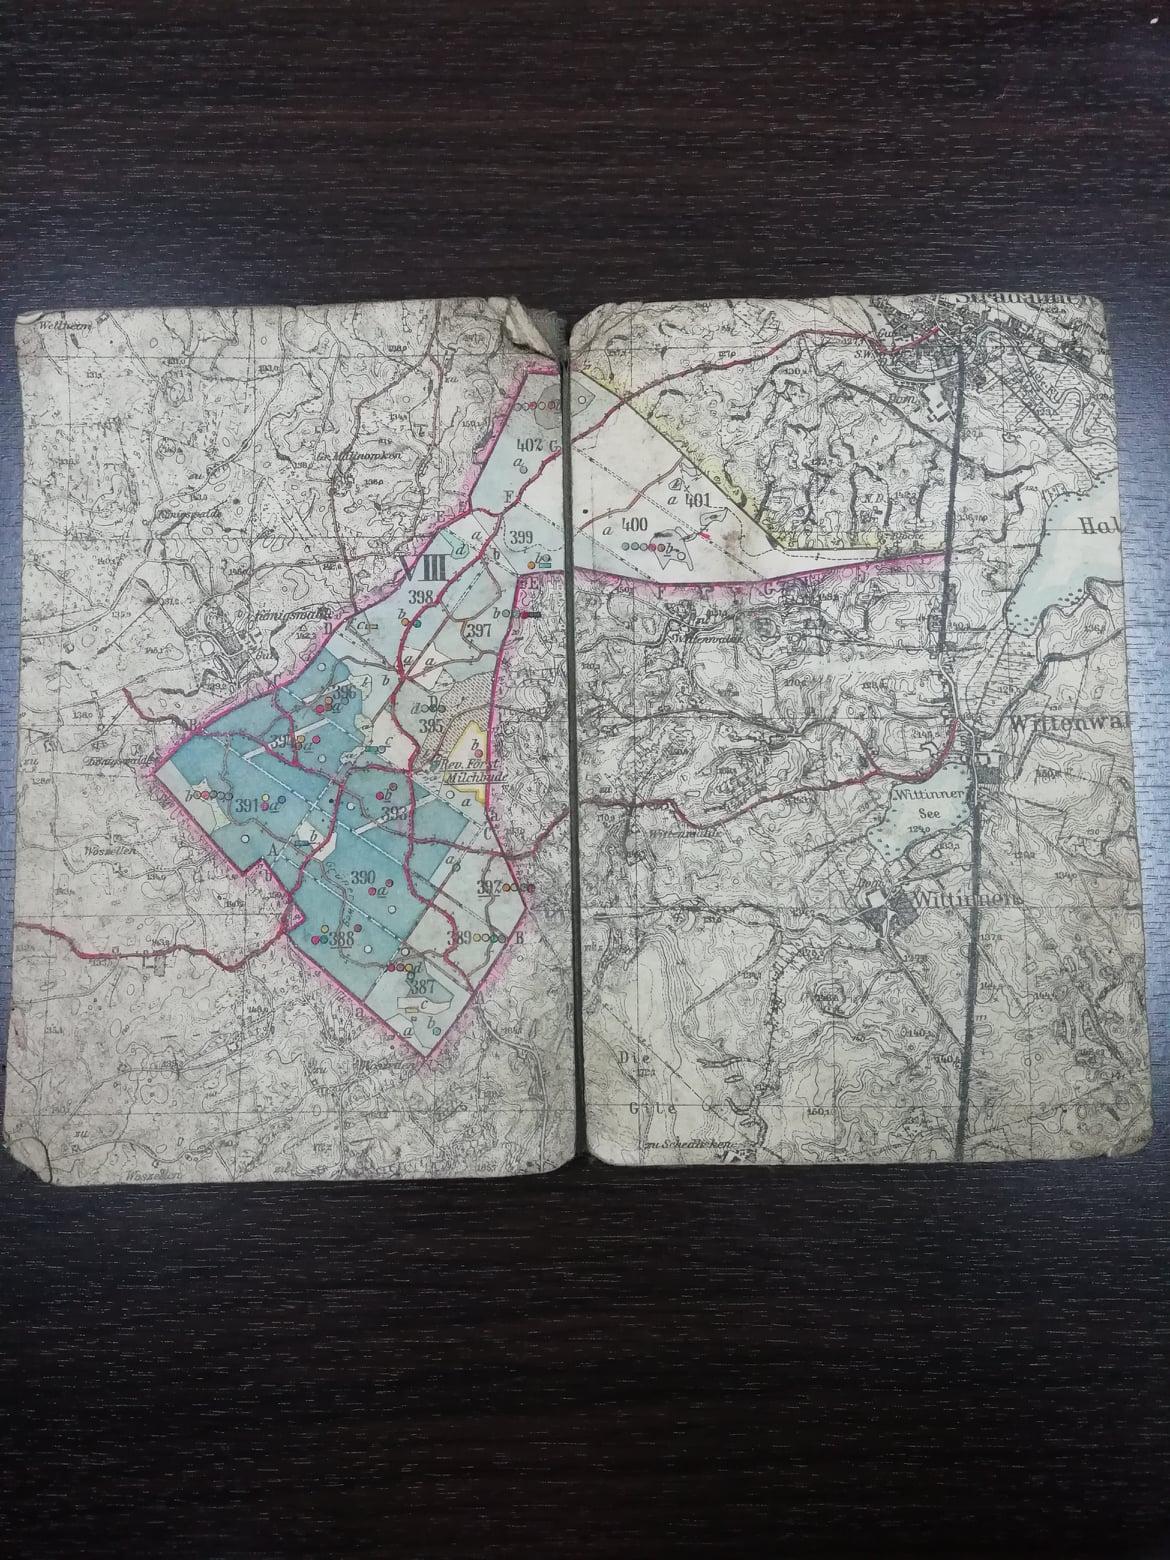 WW2 maps